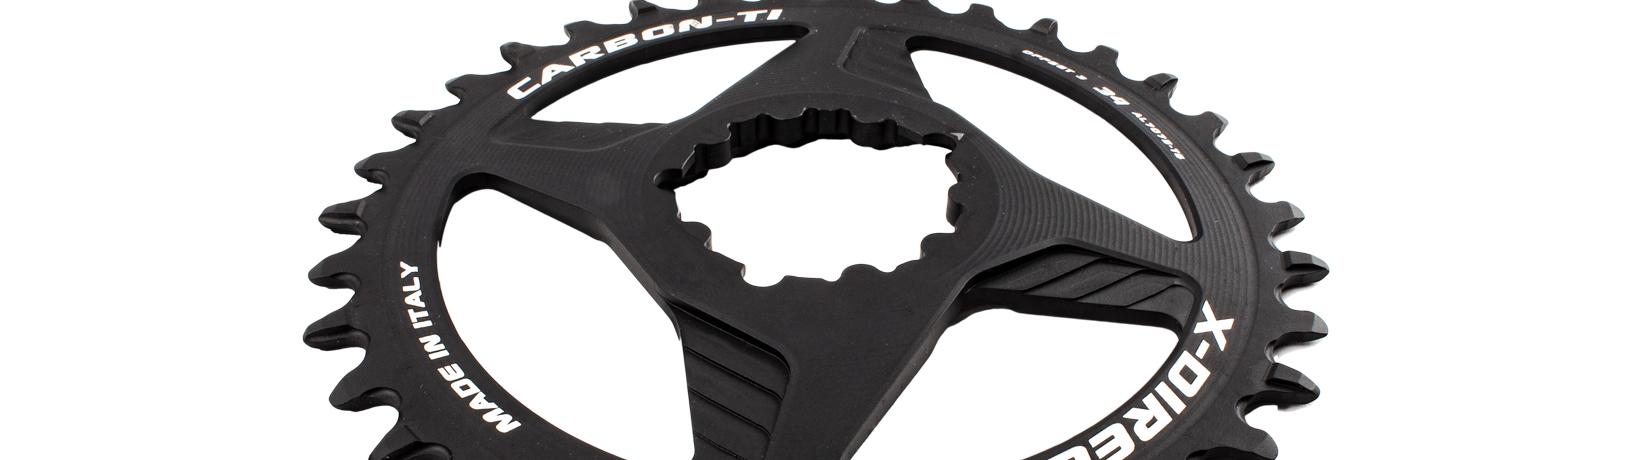 carbon-ti-bicycle-stuff-x-directring-sram